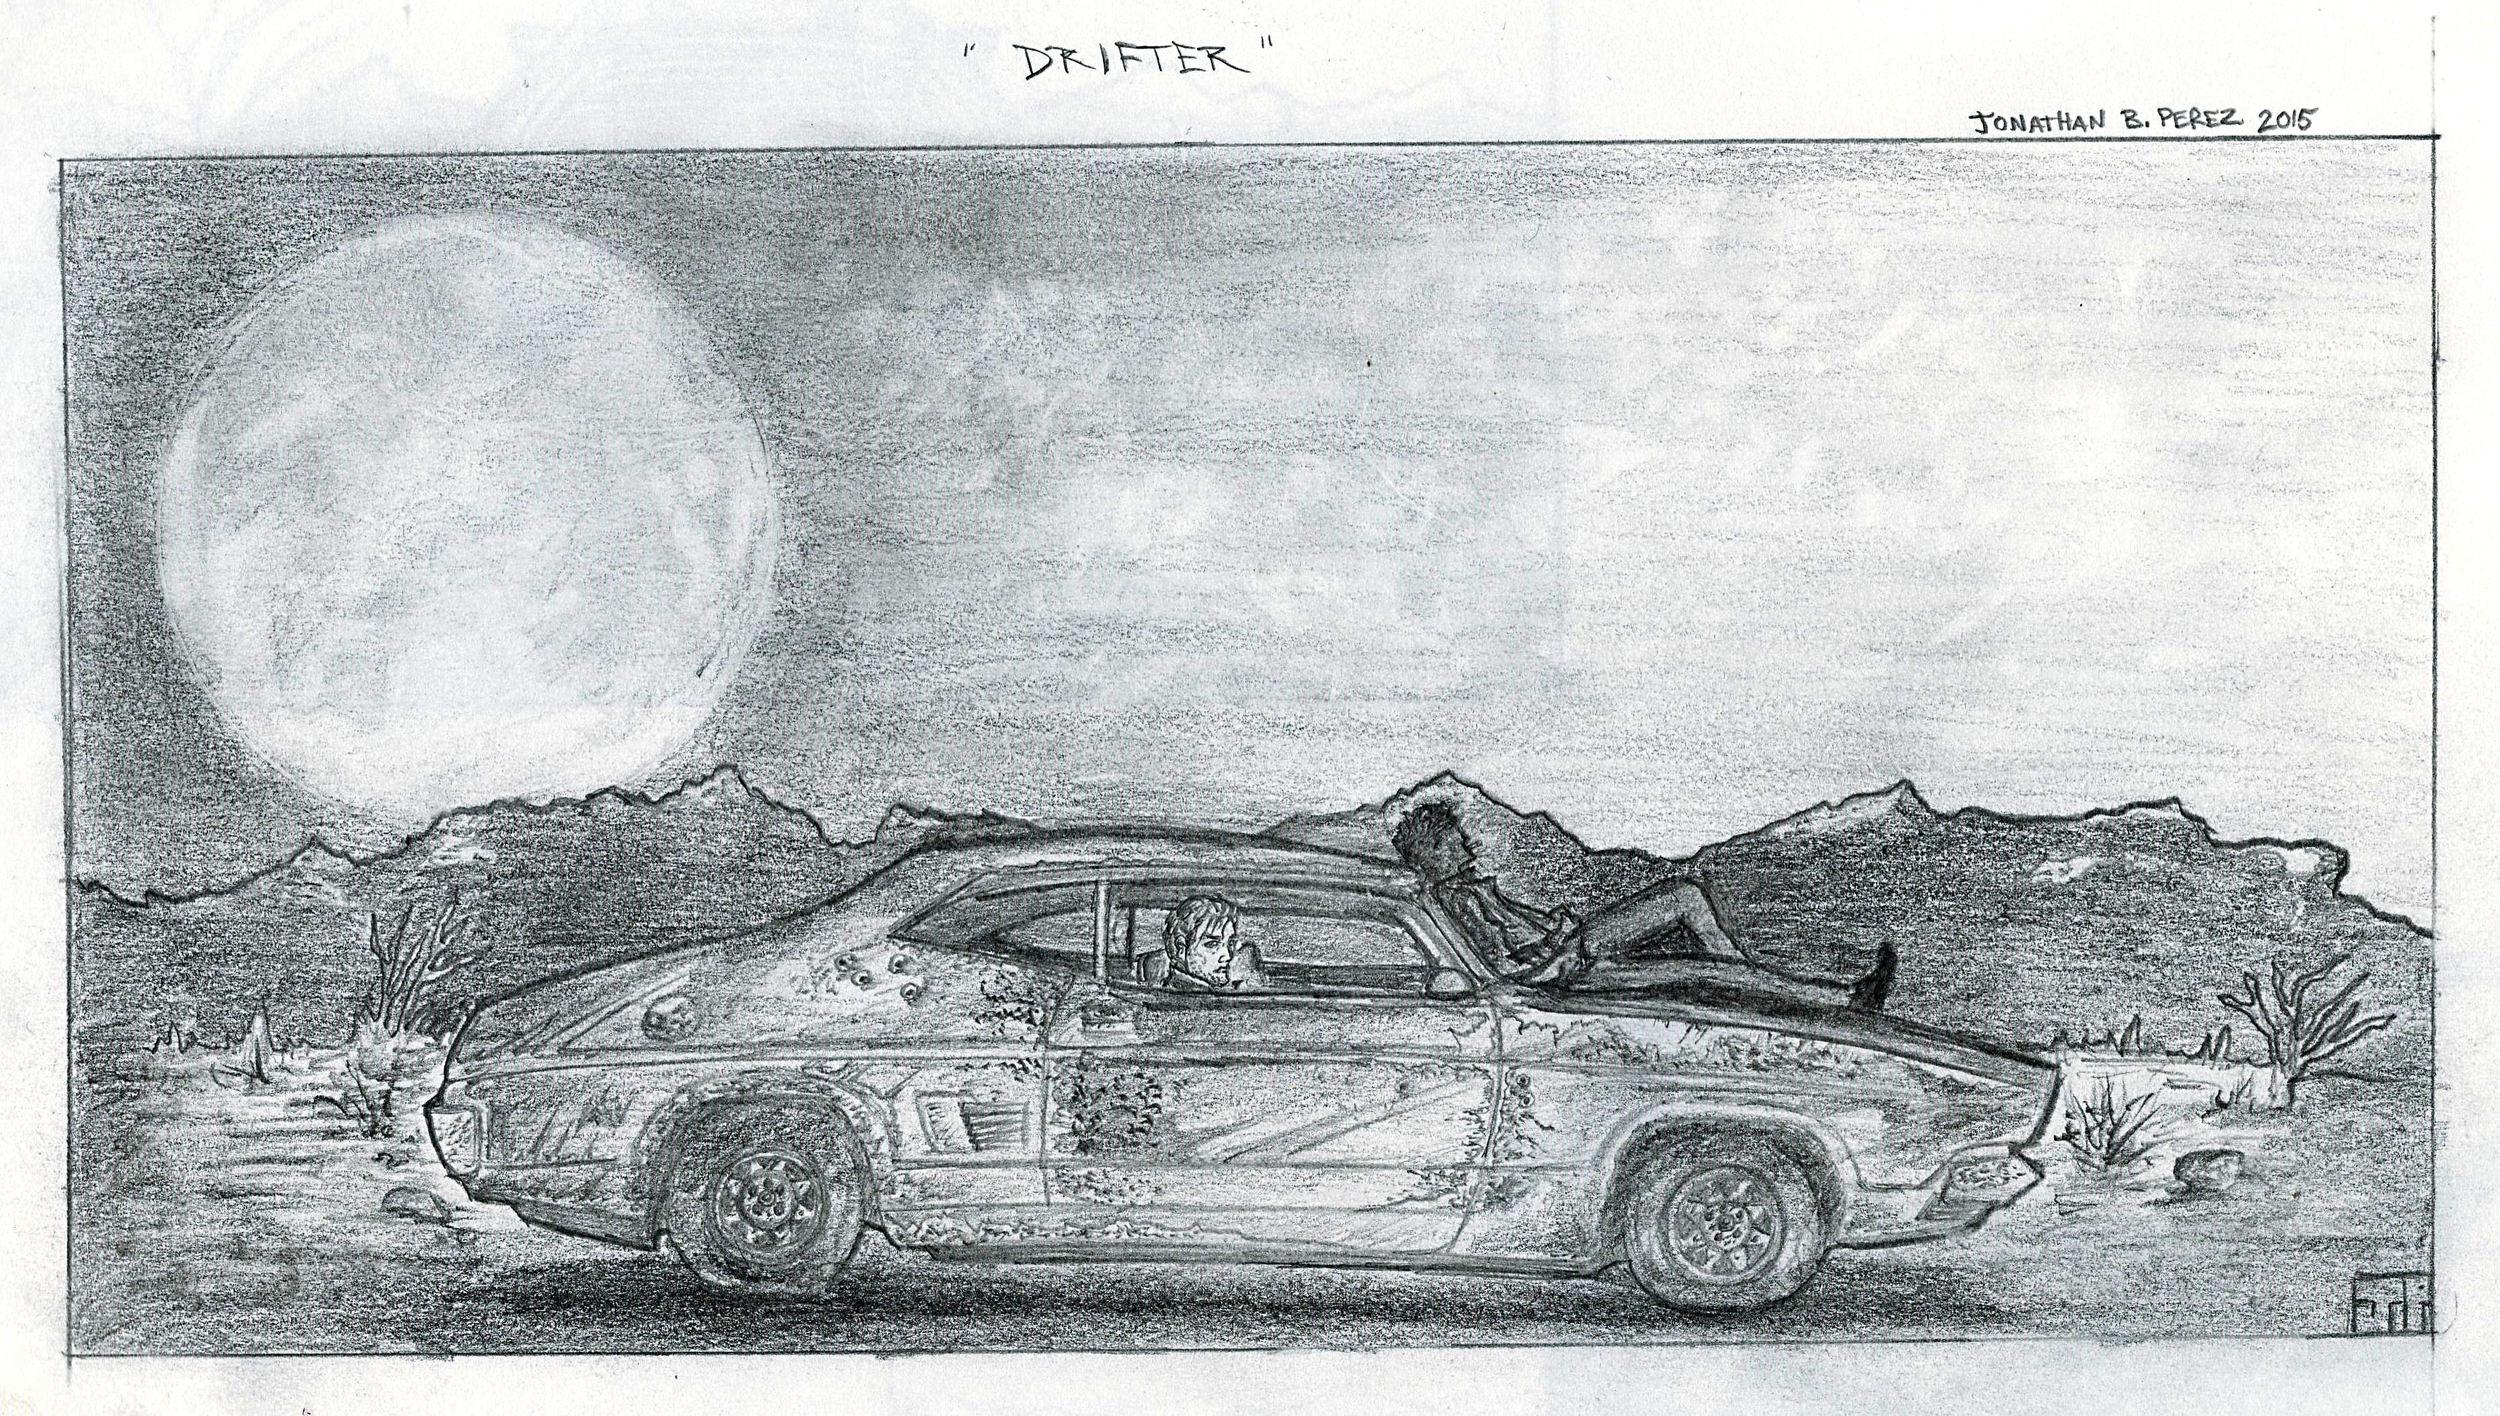 drifter_03.JPG